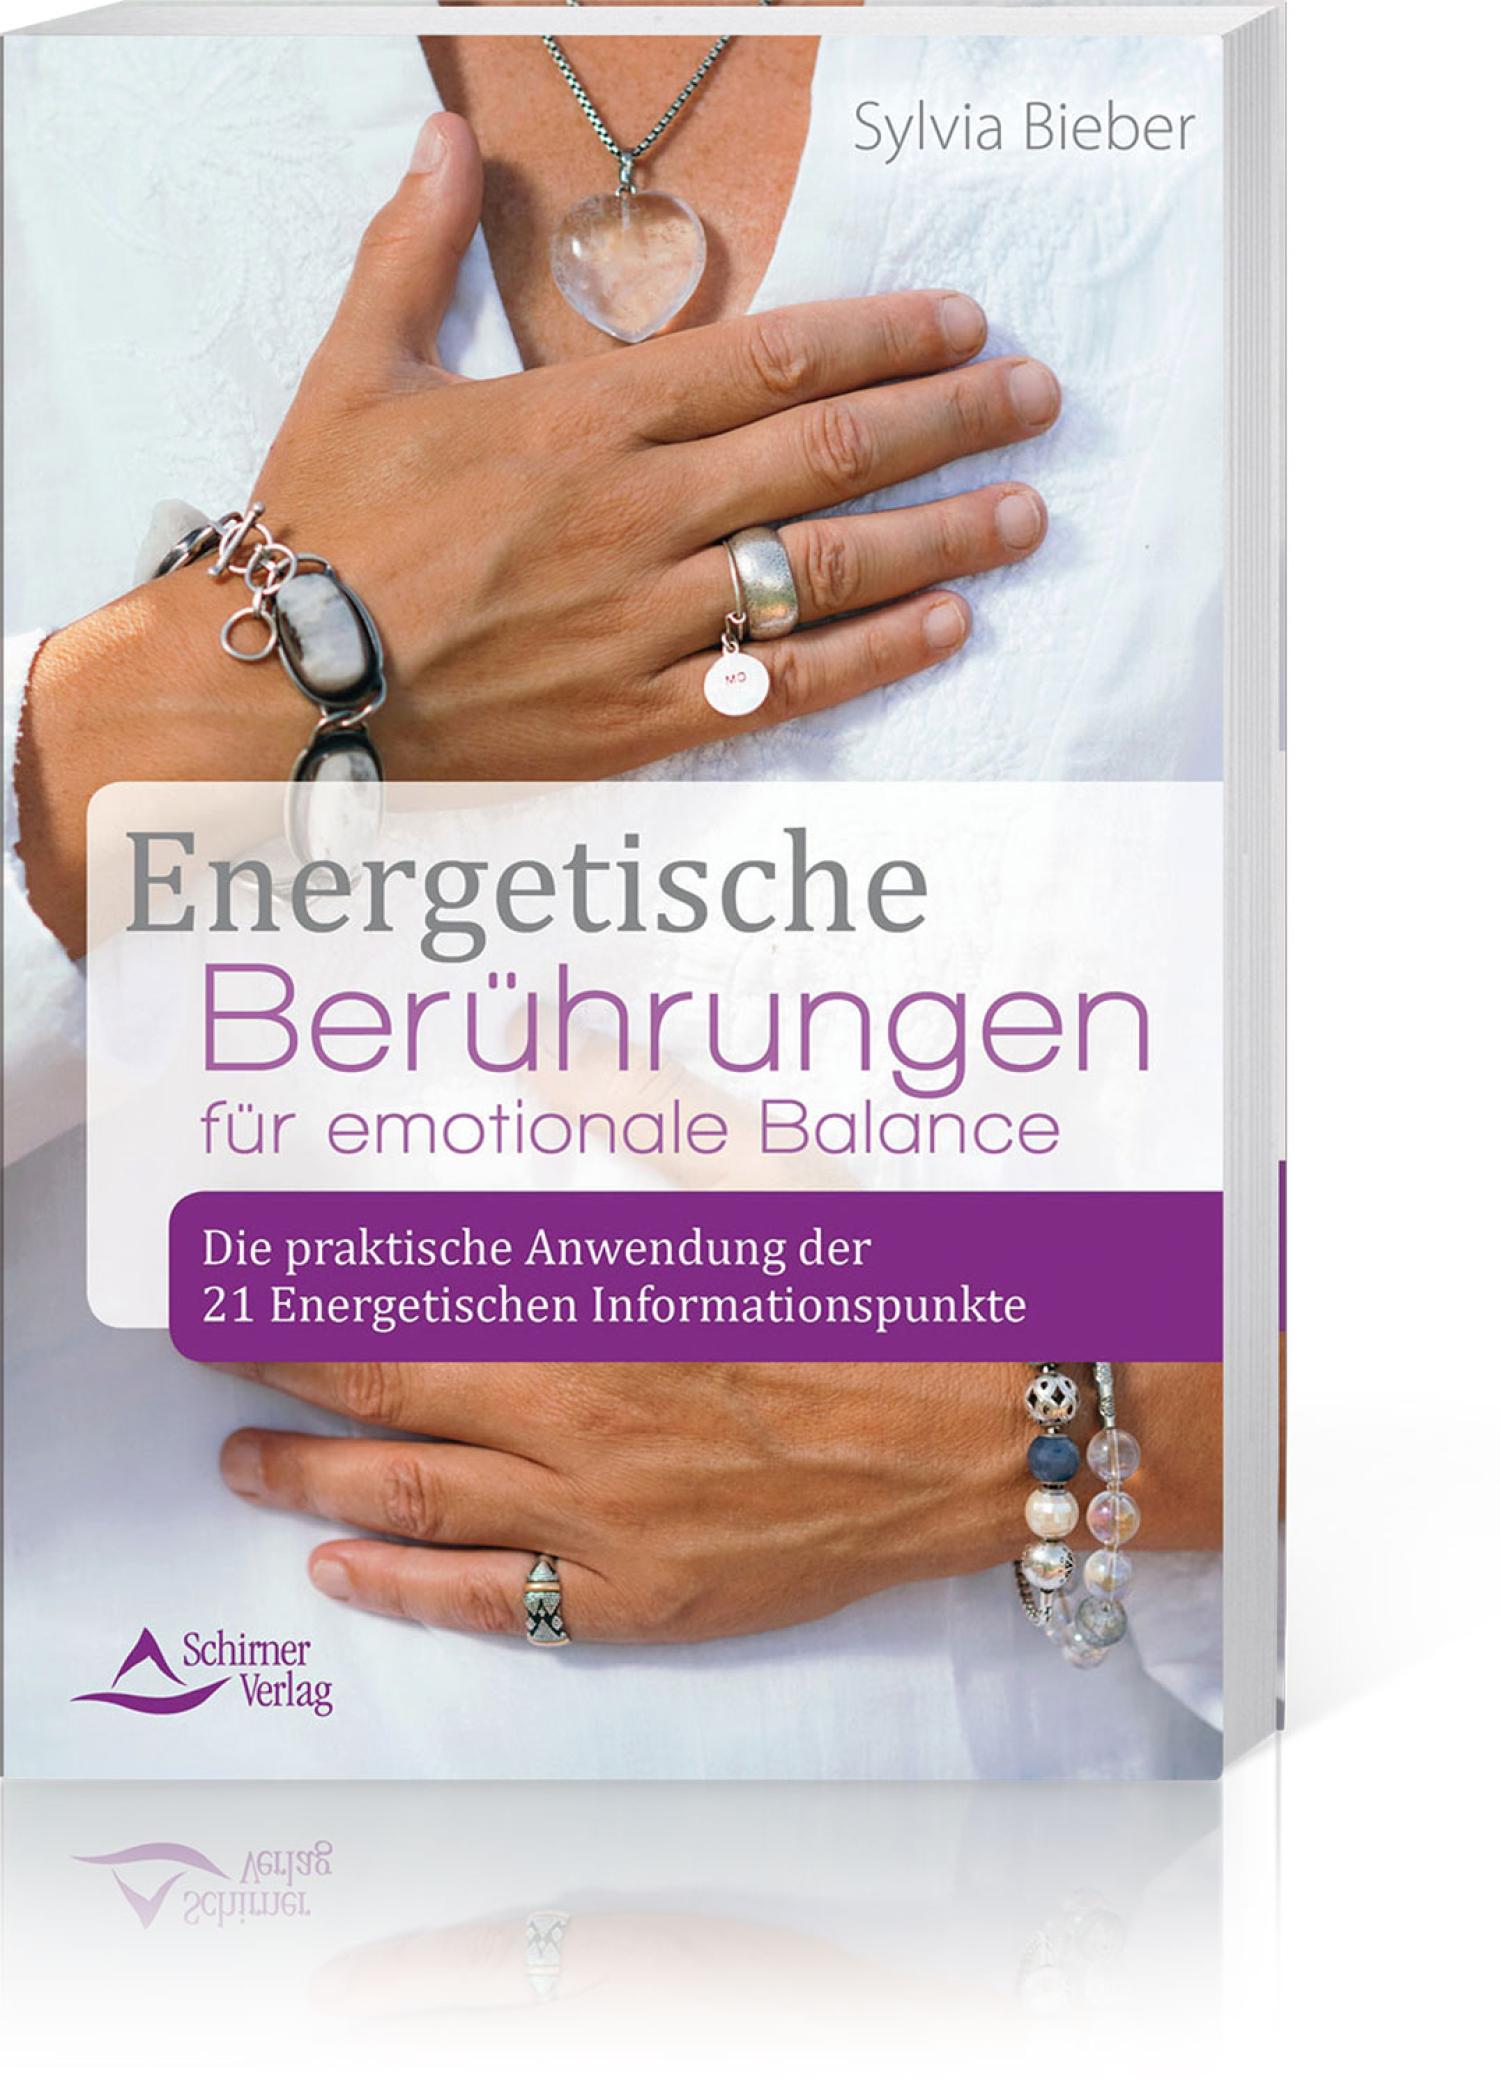 Energetische Berührungen für emotionale Balance, Produktbild 1